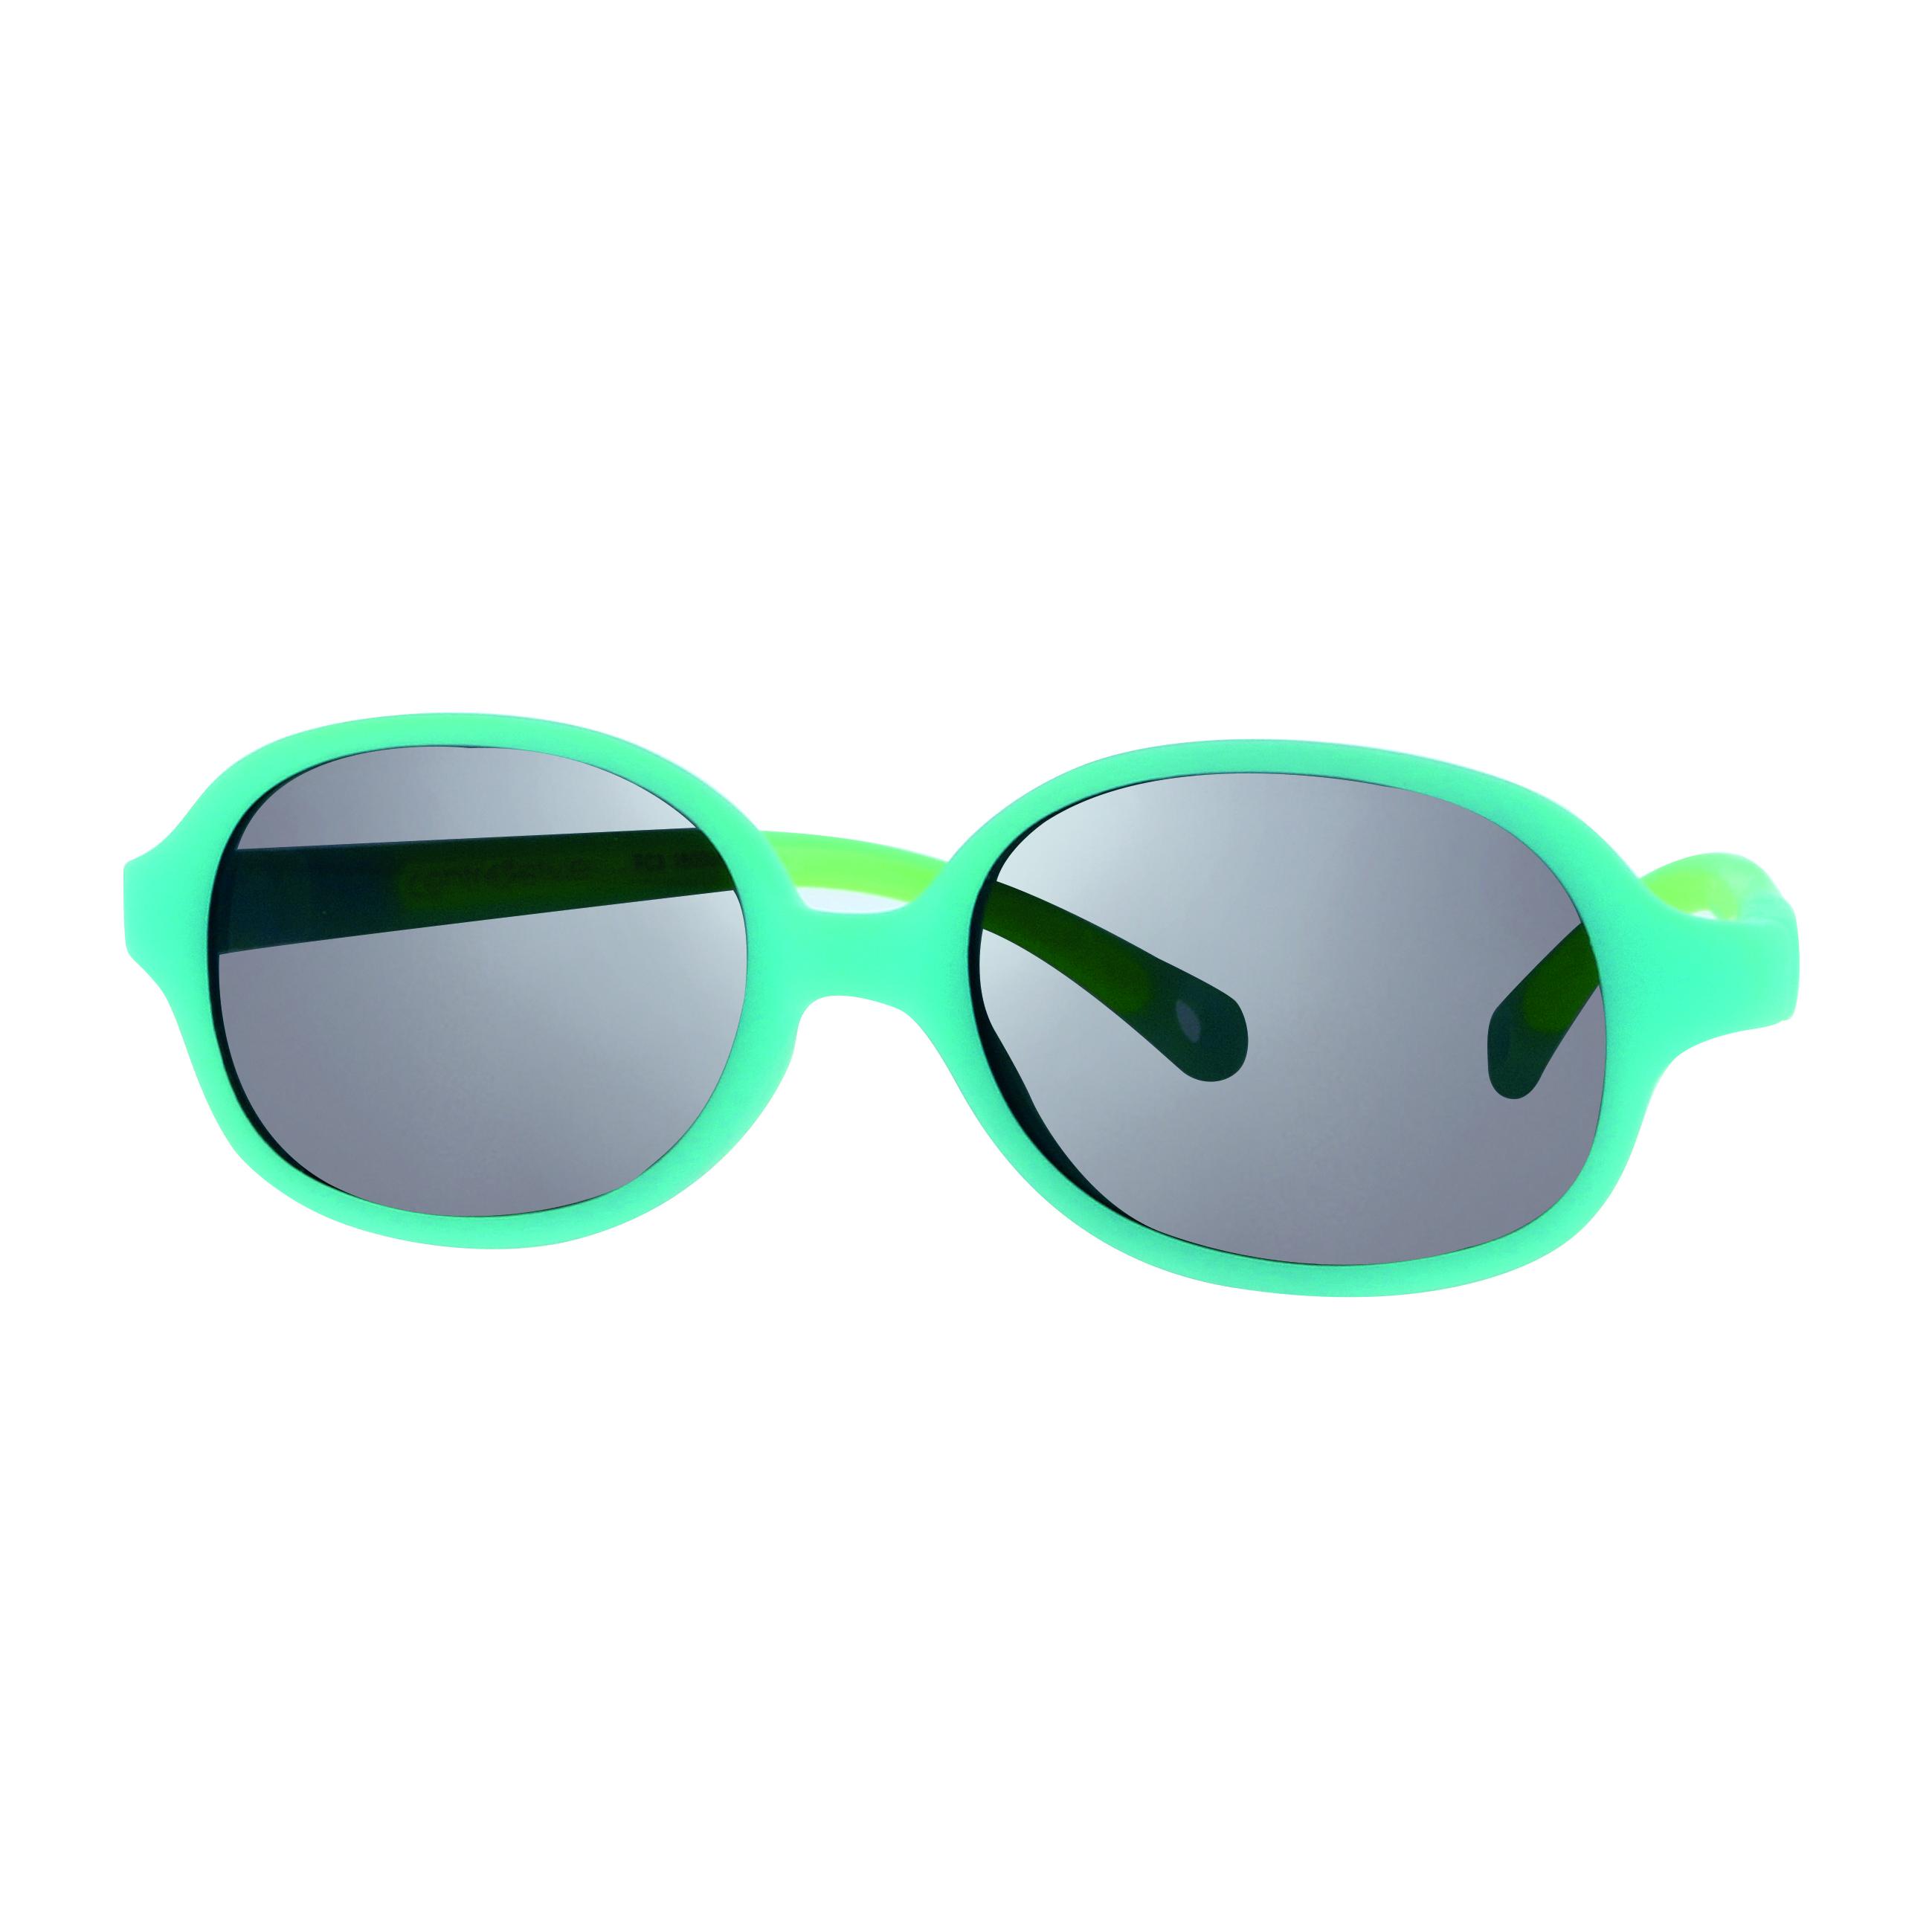 02S009542179001 - Óculos-Solar Inf Baby One Turqueza 42x15 C/Estojo Mod S0095 FLAG E - Contém 1 Peça SOB ENCOMENDA